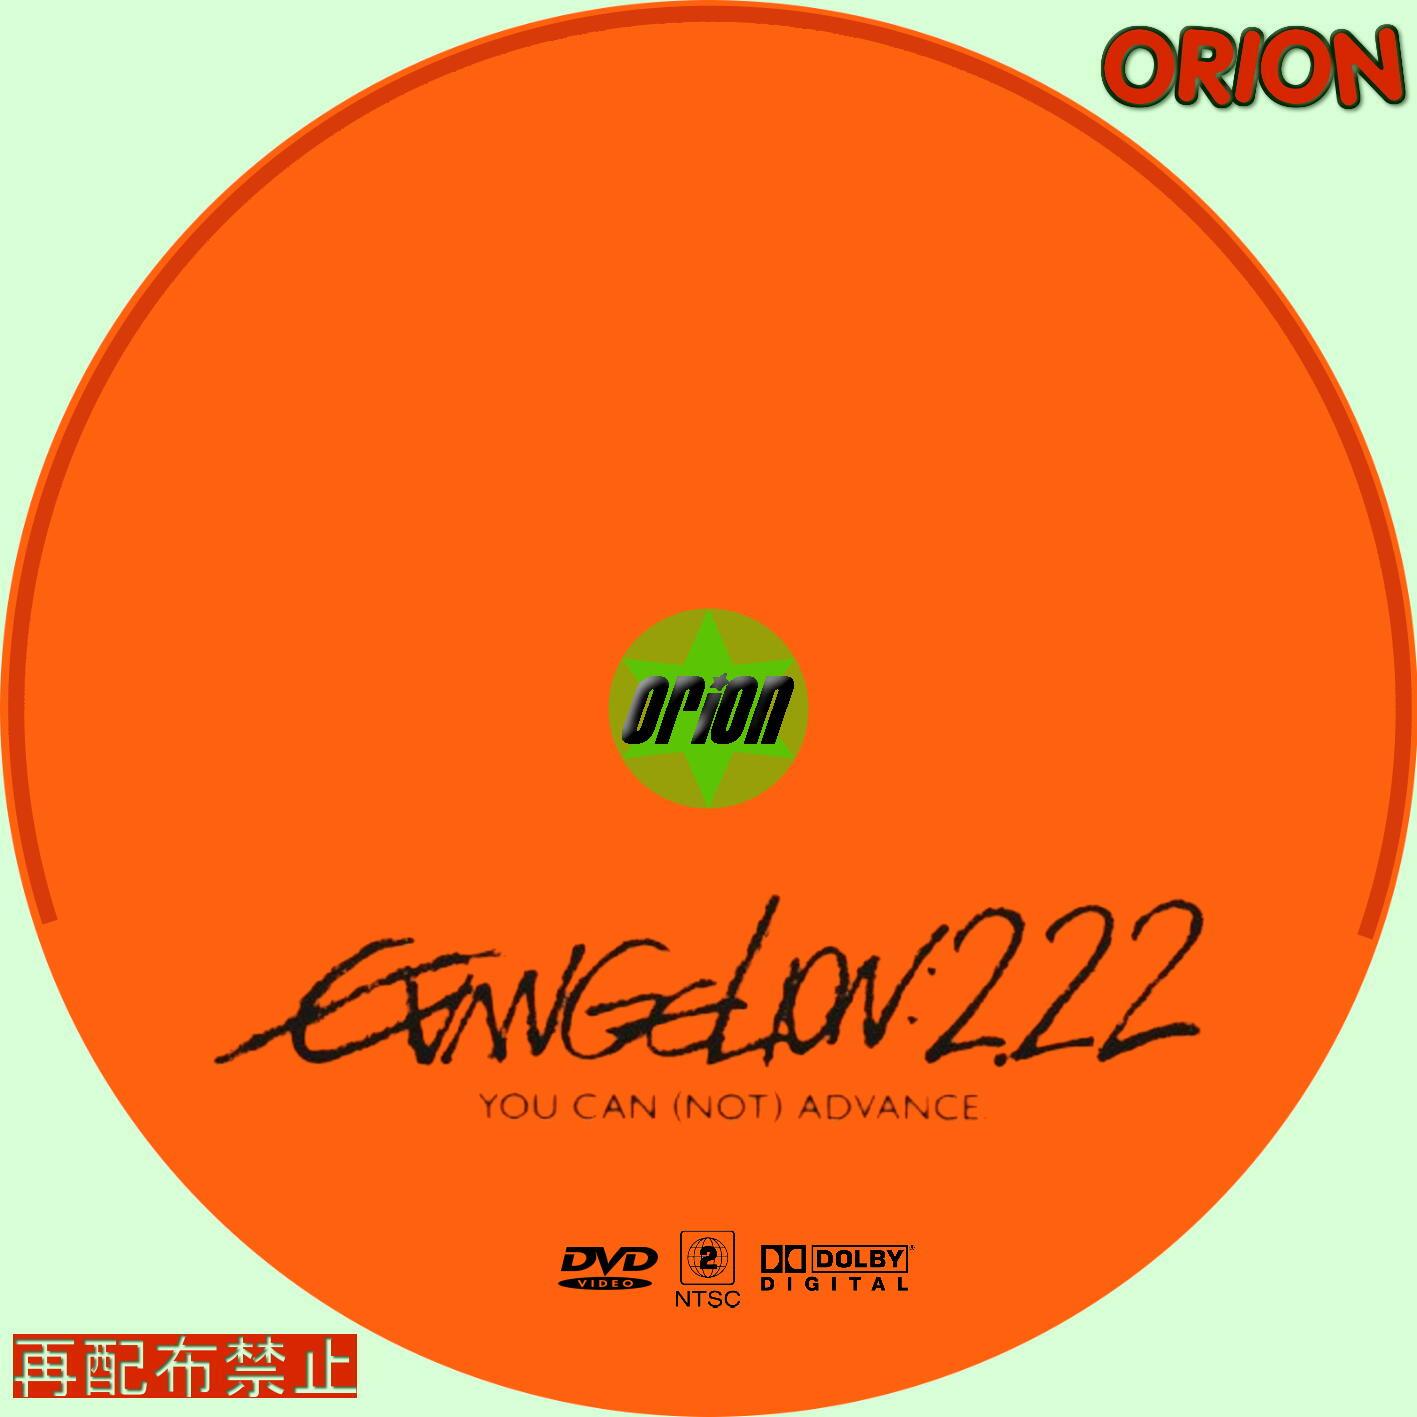 Evangelion 333 you can not redo legendado ptbr filme hd - 4 1